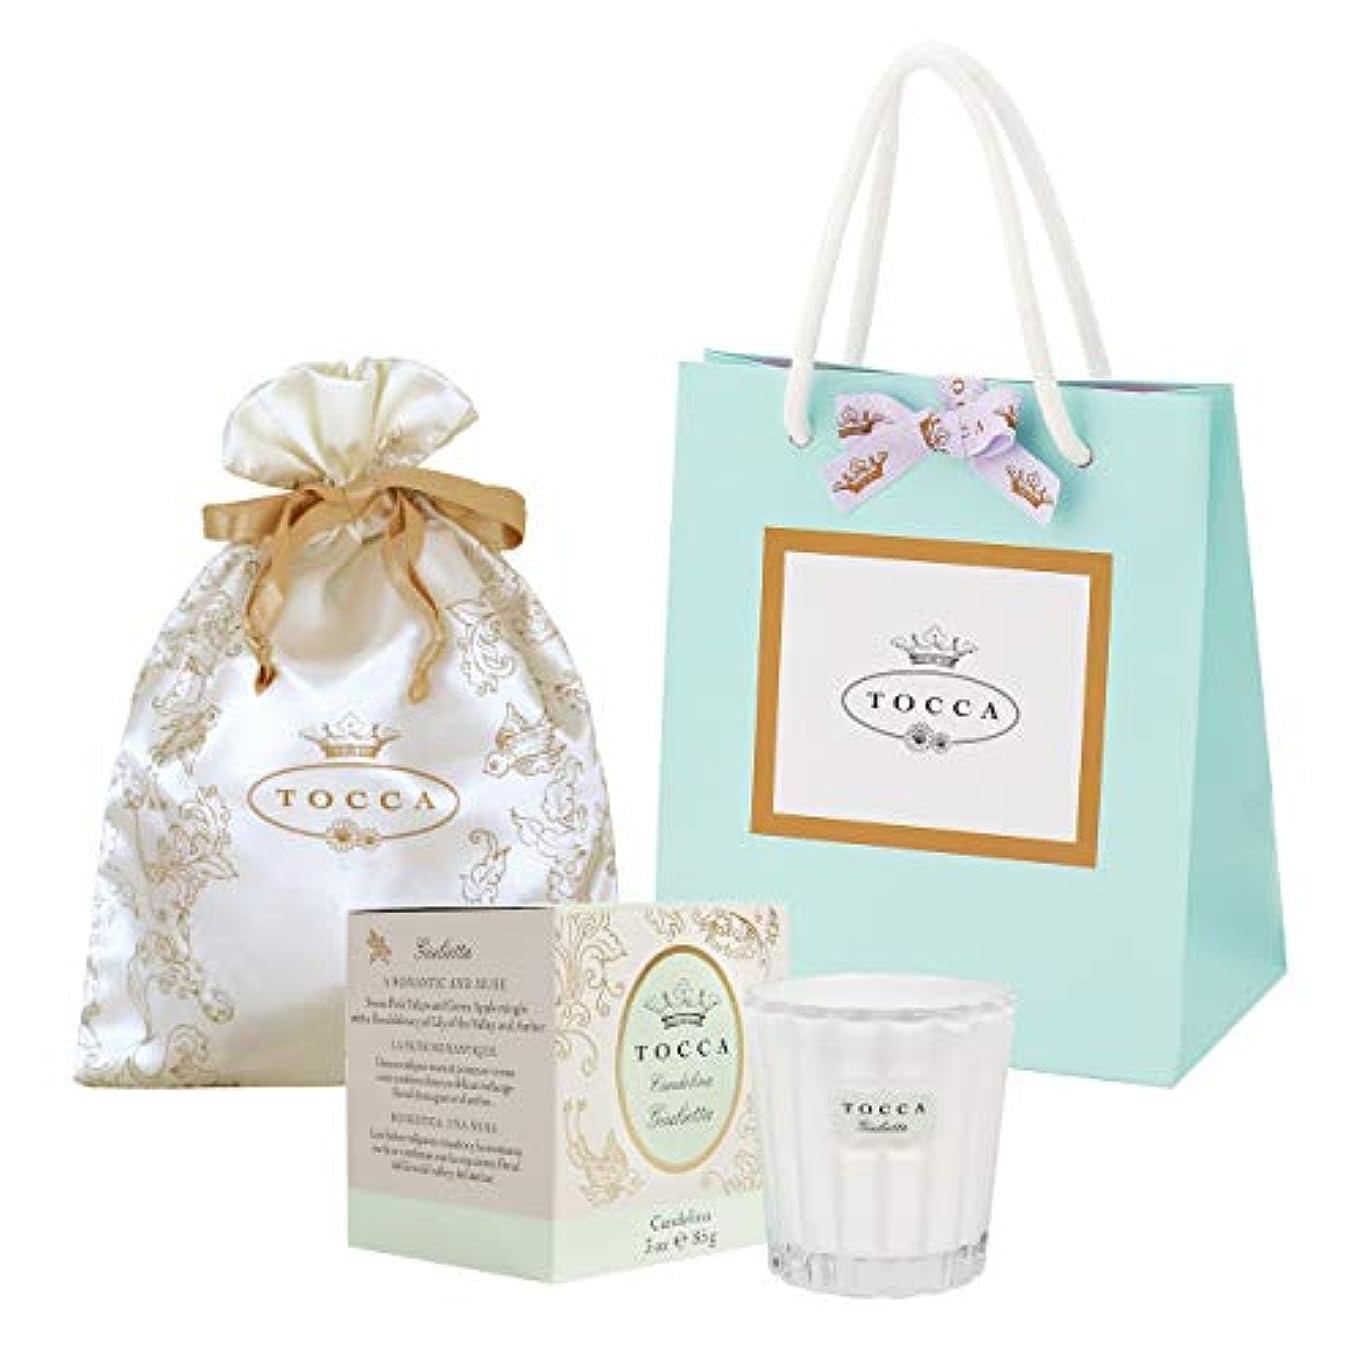 大いに性交アクセシブルトッカ(TOCCA) キャンデリーナ ジュリエッタの香り 約85g 巾着&ショッパー付 (キャンドル ろうそく ギフト 手提袋付 爽やかで甘い香り)